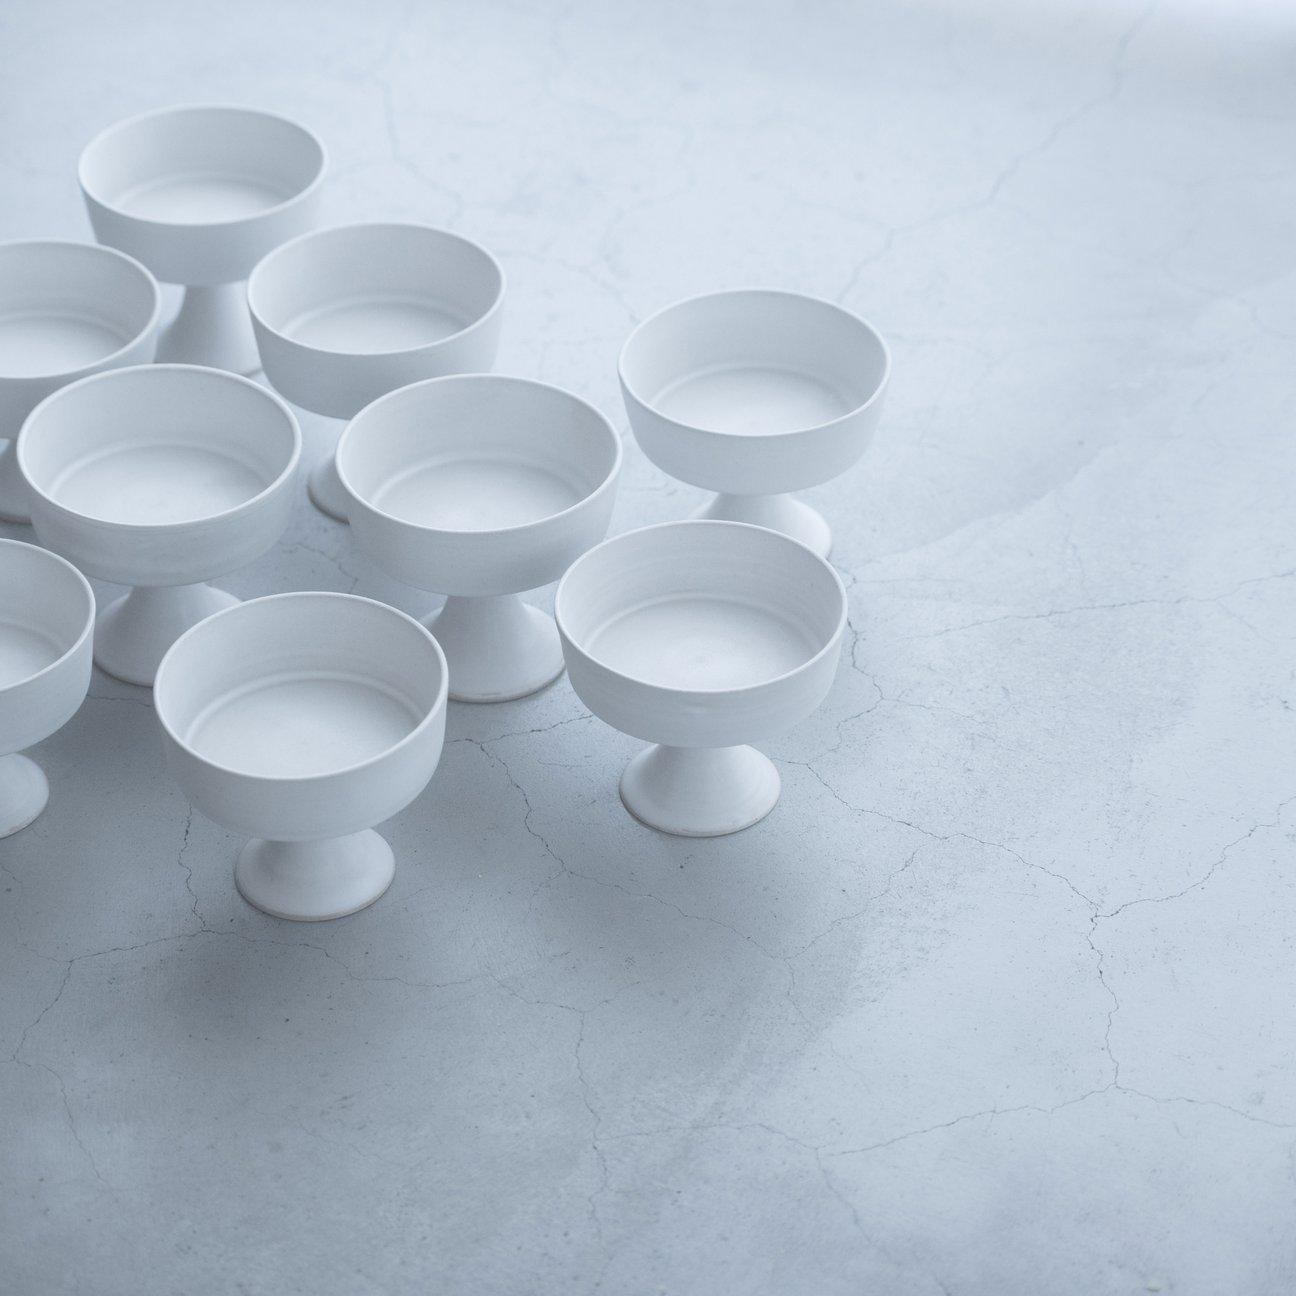 デザート碗(白)